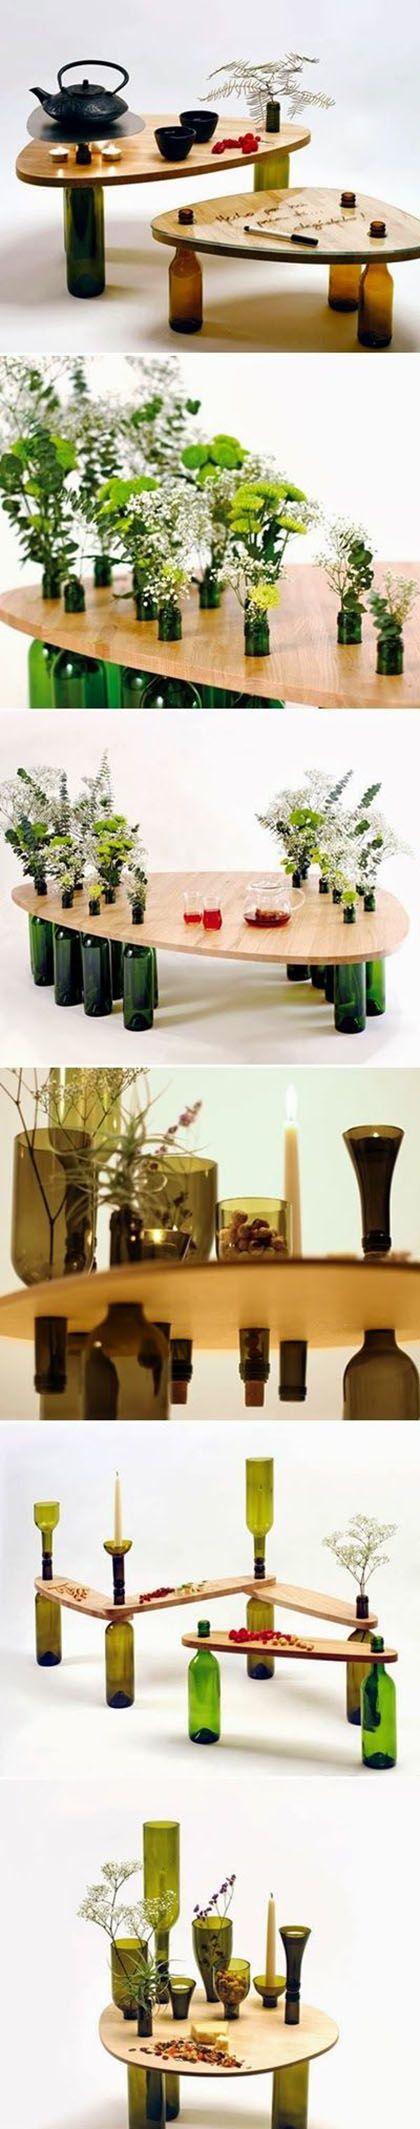 Mesa con las patas con botellas-floreros